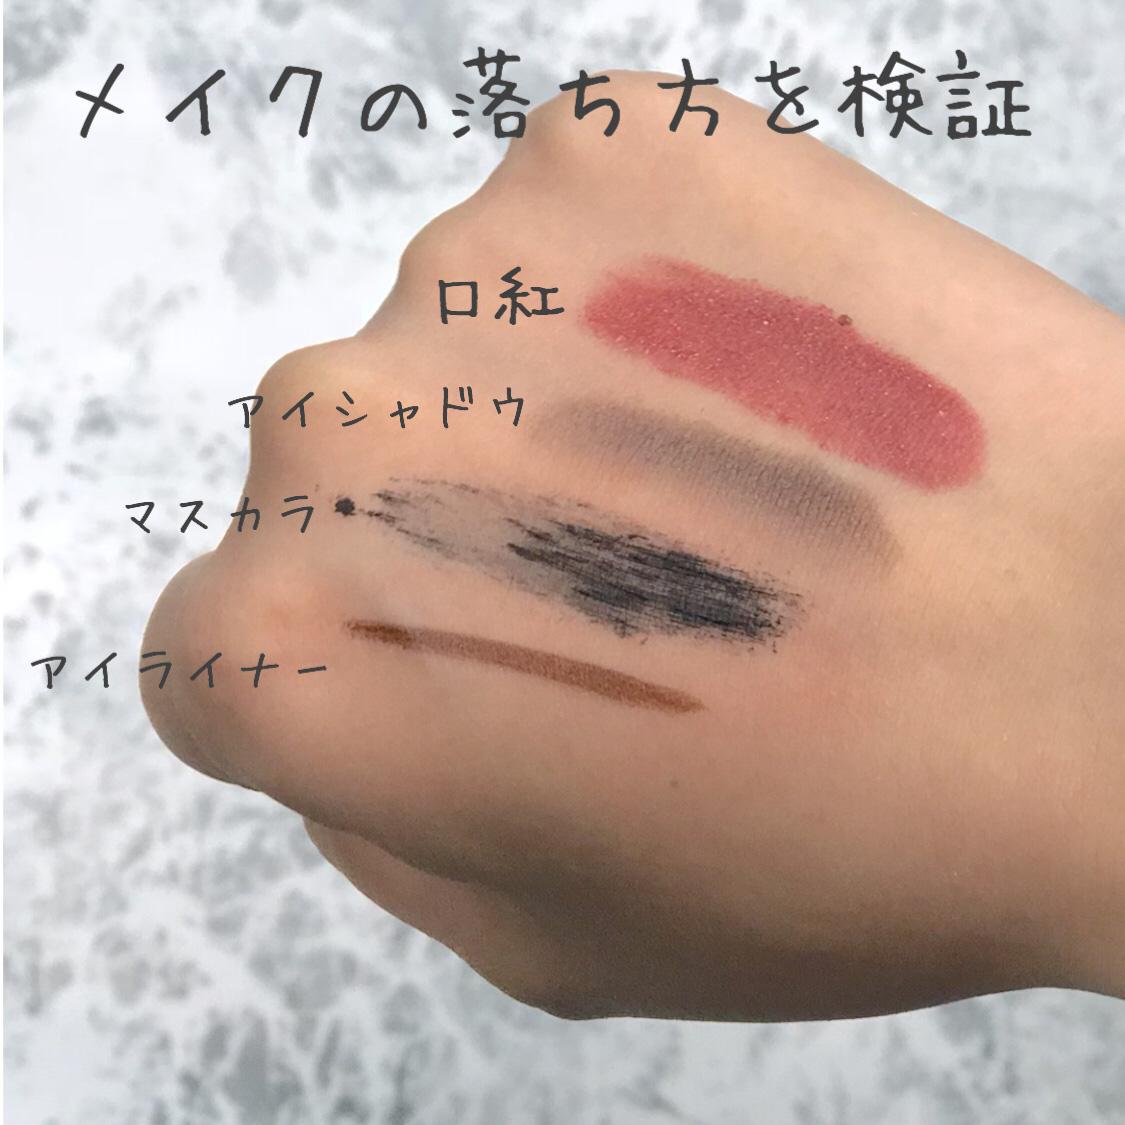 Dầu Tẩy Trang Chifure Cleansing Oil giúp loại bỏ lớp trang điểm chống thấm nước và mascara